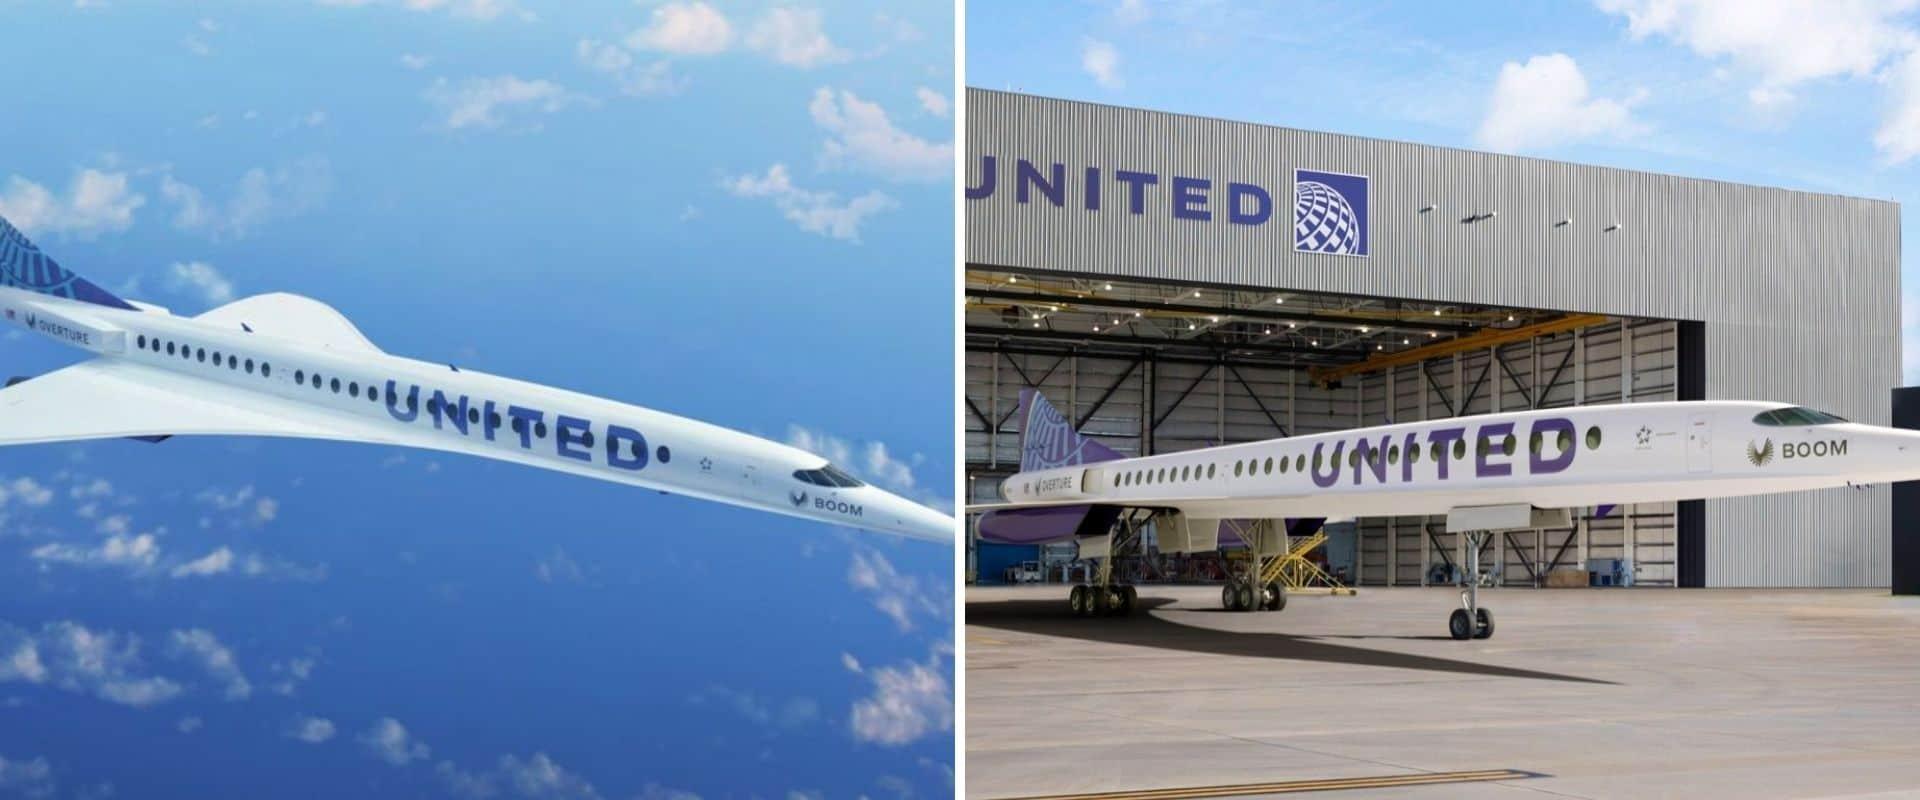 La aerolínea United planea contar con aviones supersónicos para sus pasajeros dentro de los próximos 10 años